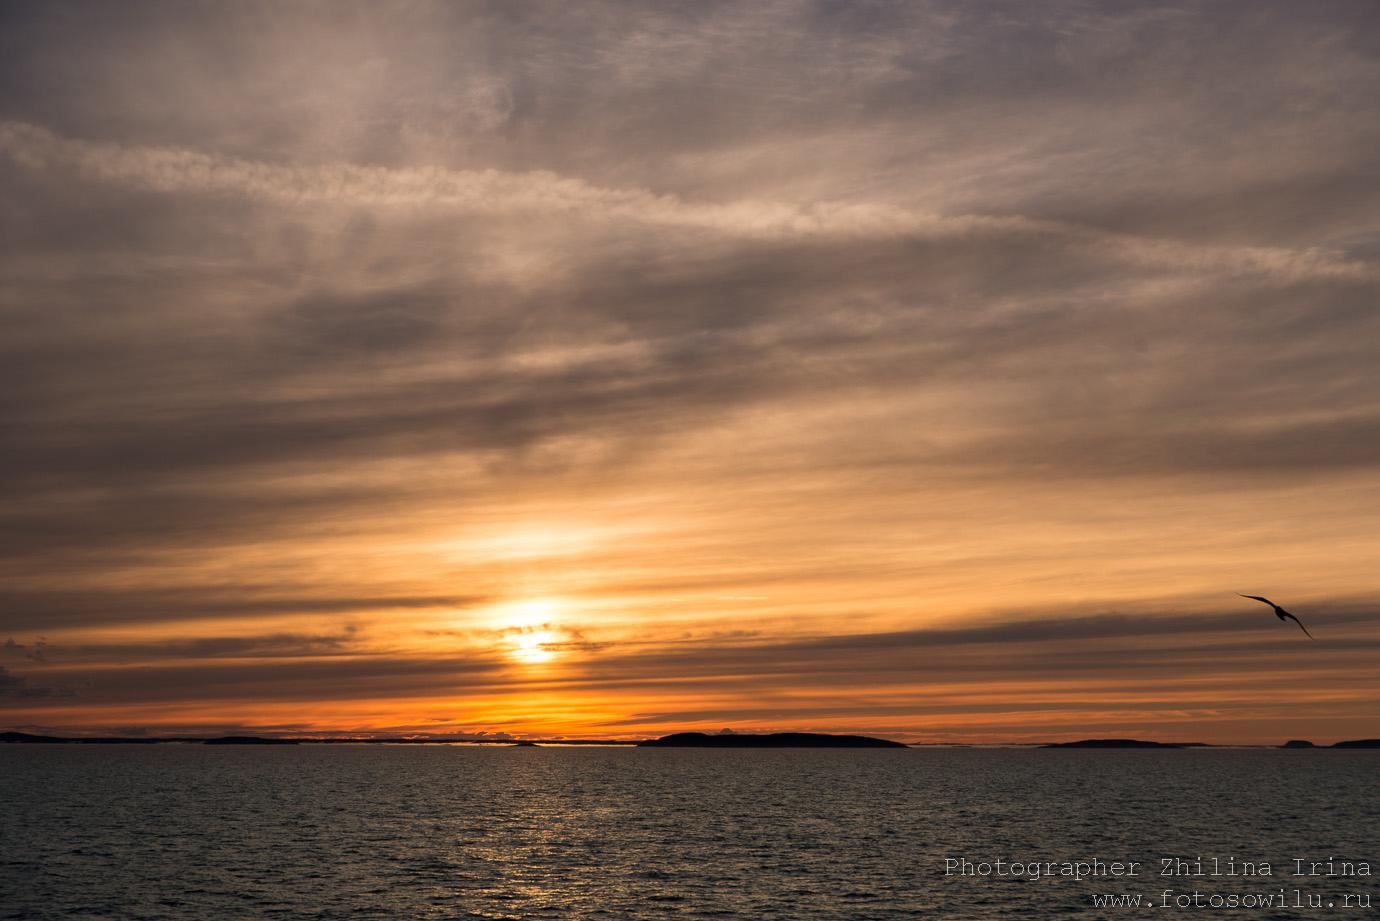 Соловки, Большой Соловецкий остров, куда поехать отдыхать в России, Карелия, что смотреть в Карелии, Белое море